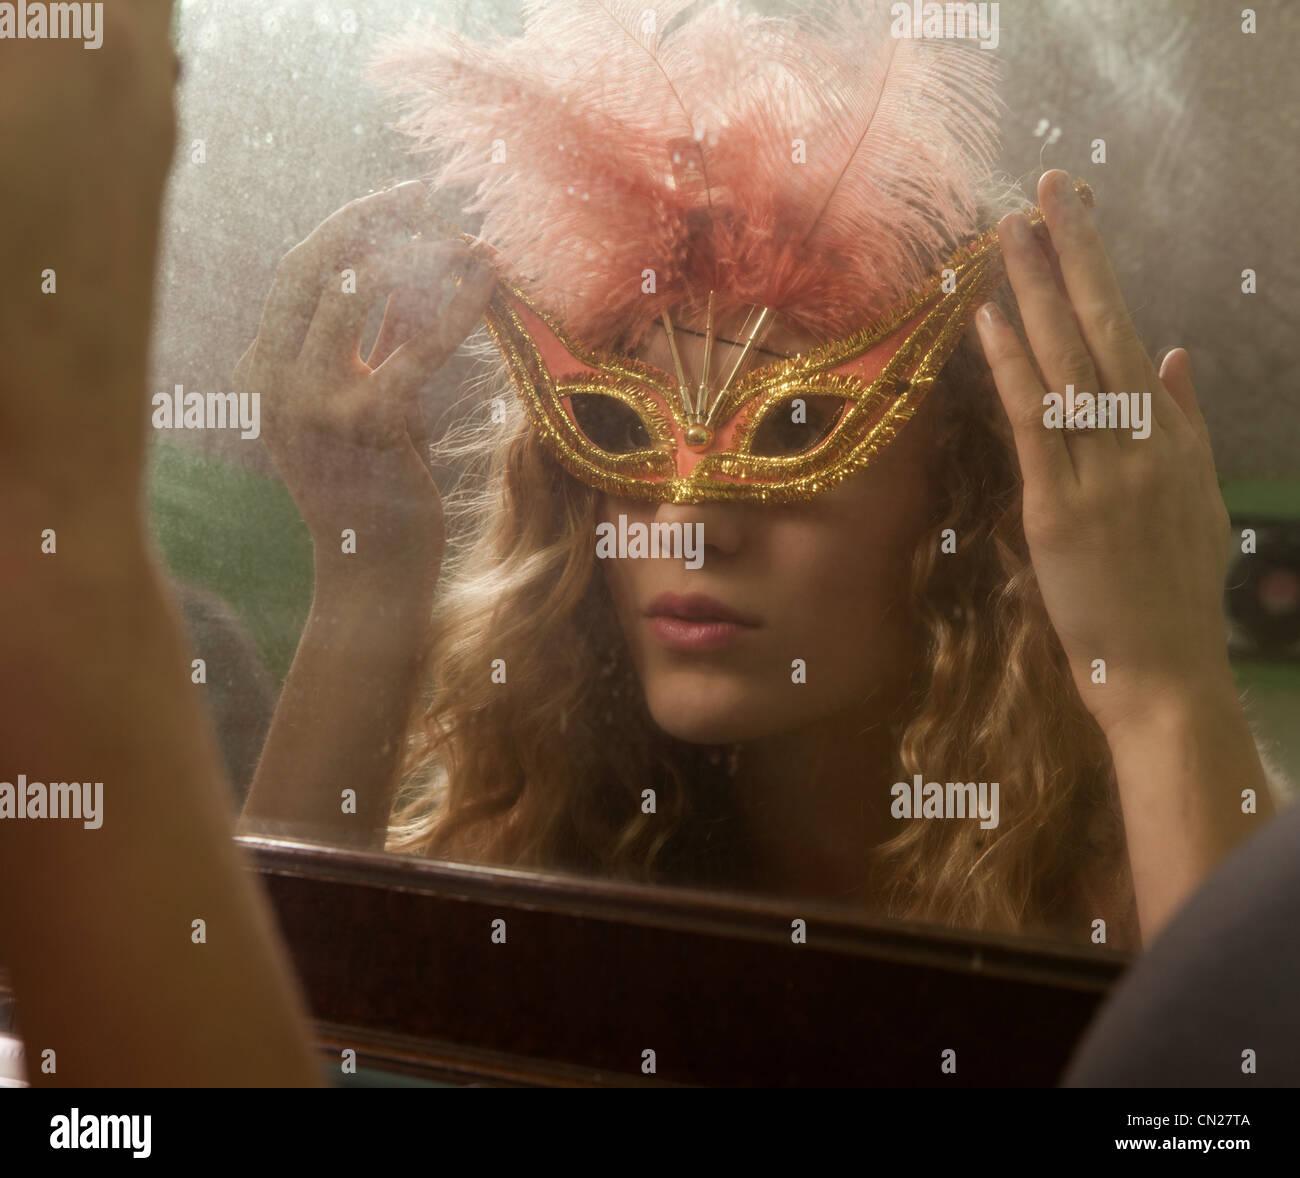 Ragazza adolescente indossando masquerade mask nella parte anteriore dello specchio Immagini Stock